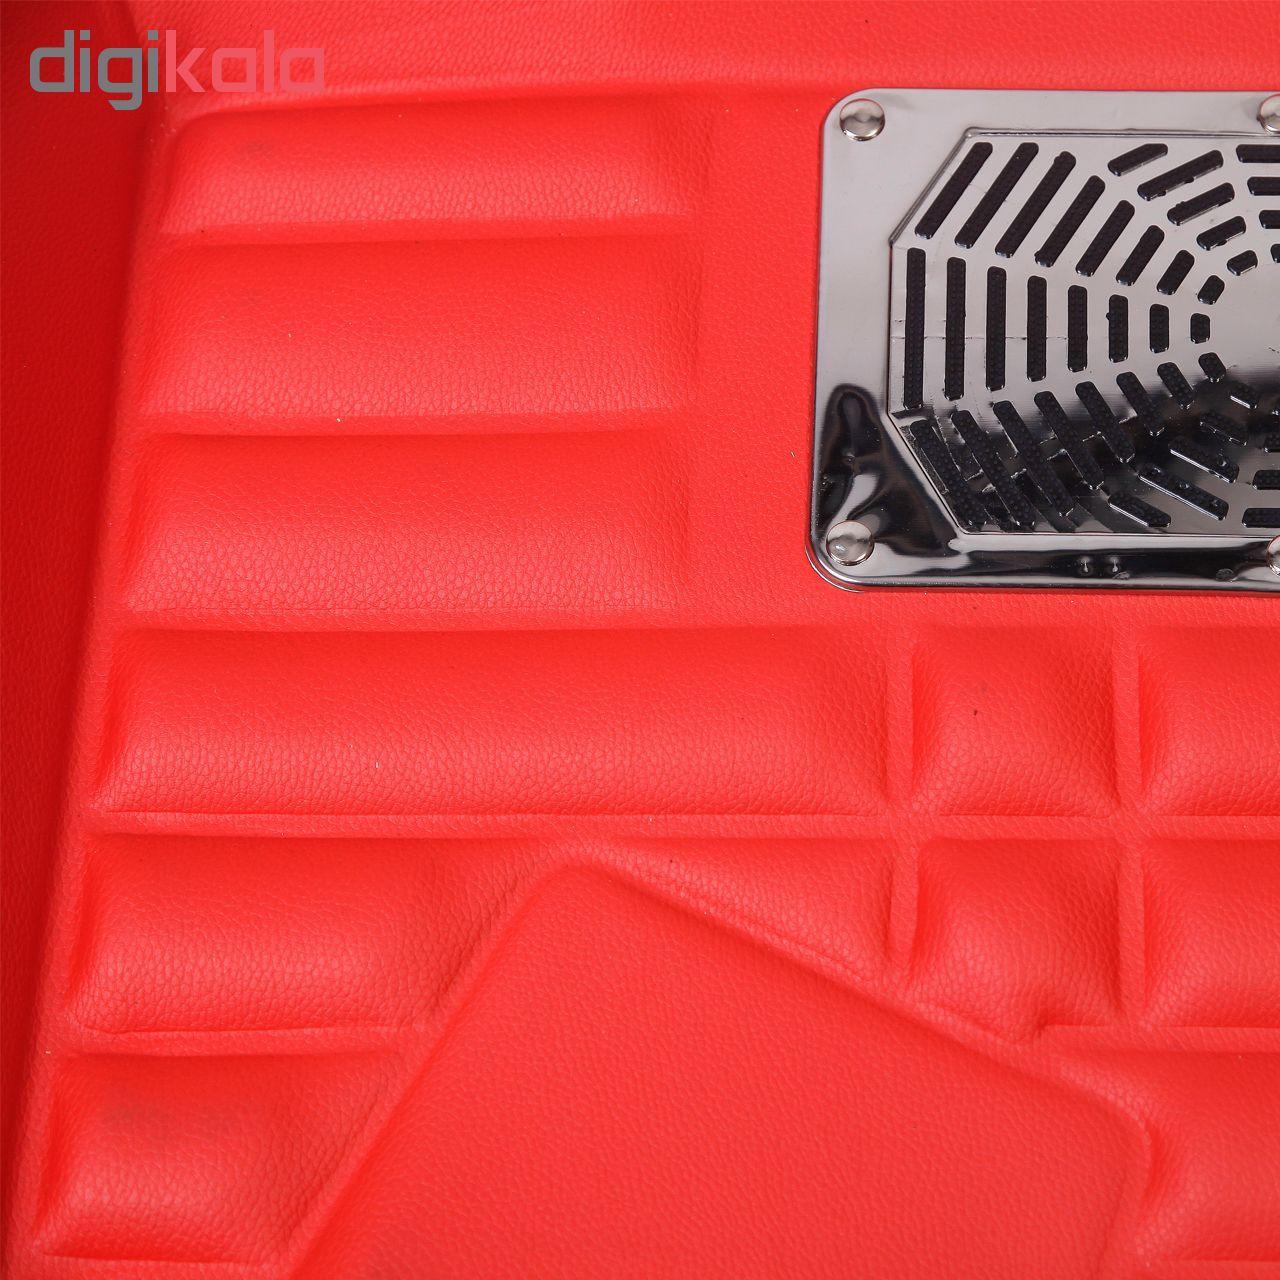 کفپوش سه بعدی خودرو  کد 99 مناسب برای ساینا main 1 22